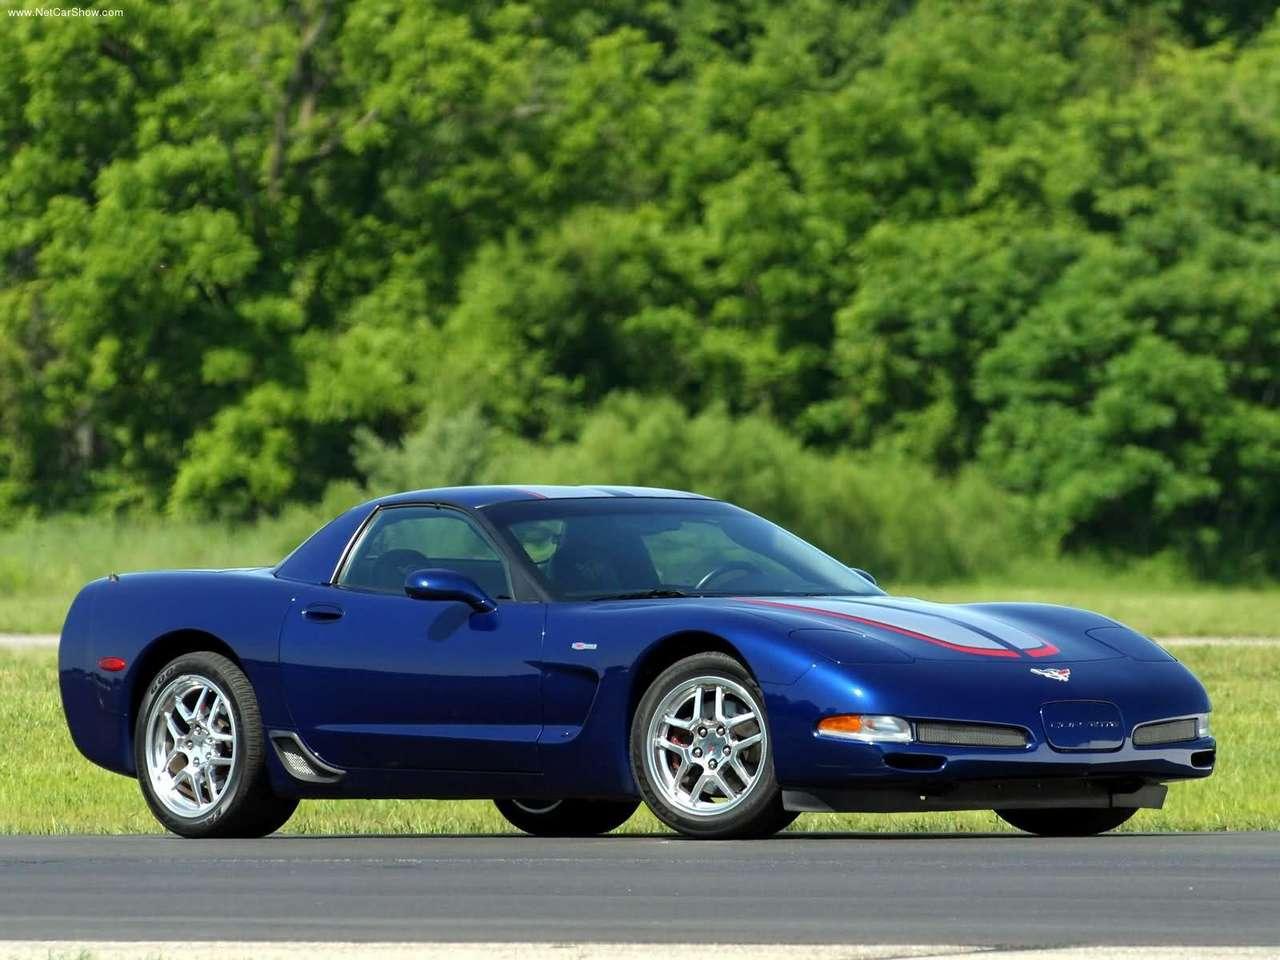 http://3.bp.blogspot.com/-KmgNcVuh5-I/TYCRjNtwtLI/AAAAAAAANrM/oppK9KSPnzg/s1600/Chevrolet-Corvette_Z06_Commemorative_Edition_2004_1280x960_wallpaper_02.jpg